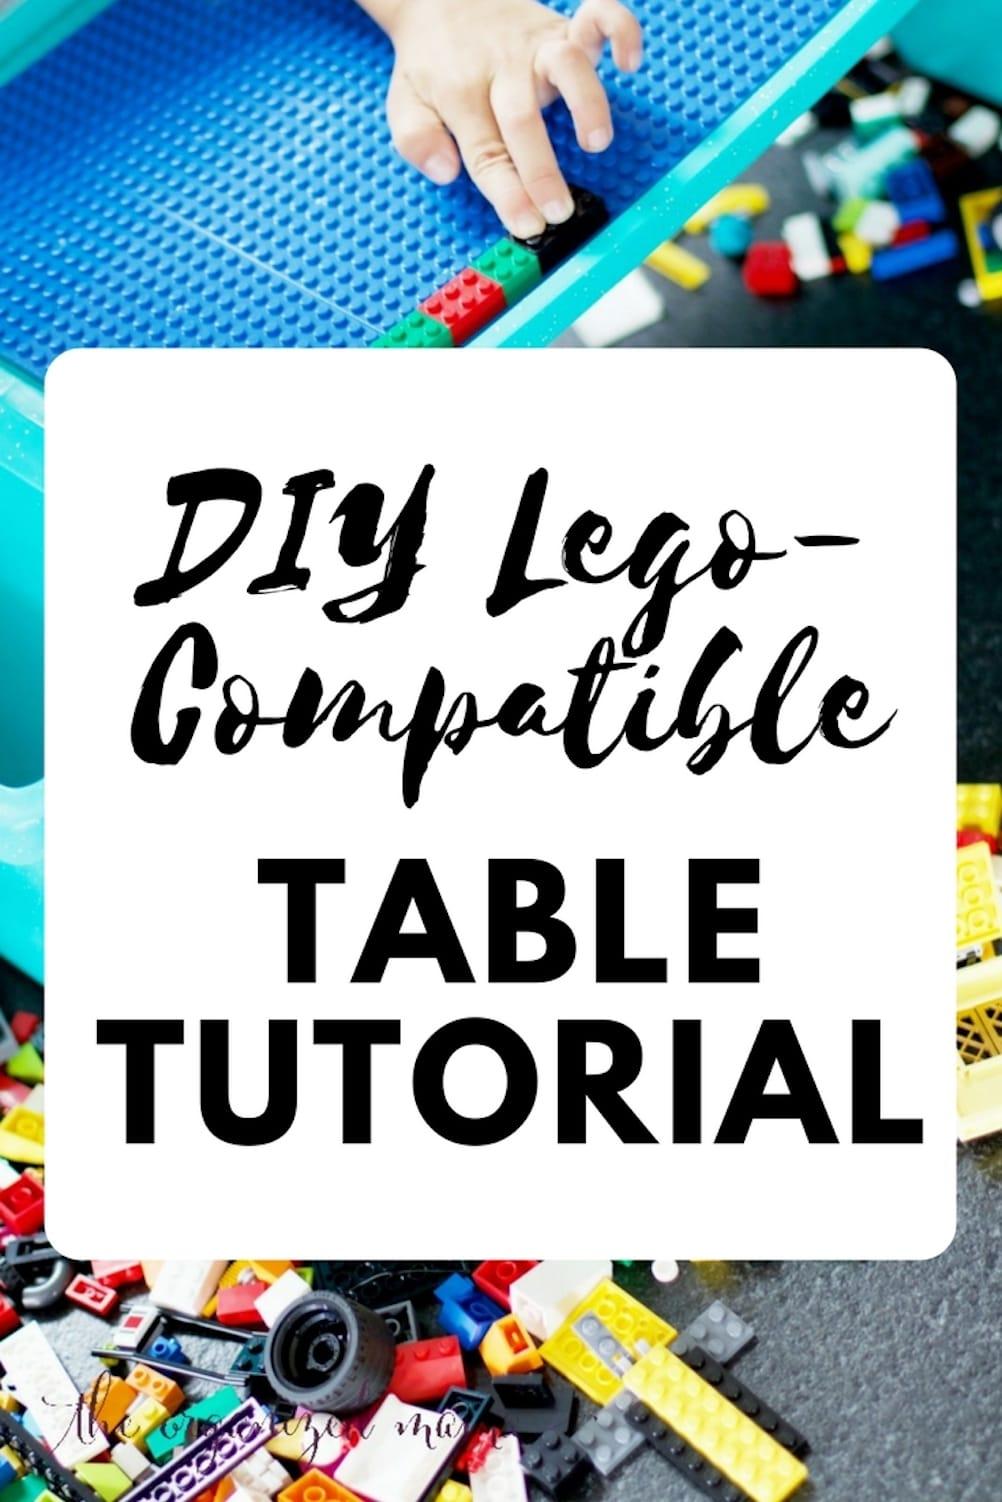 DIY Lego-Compatible Table Tutorial